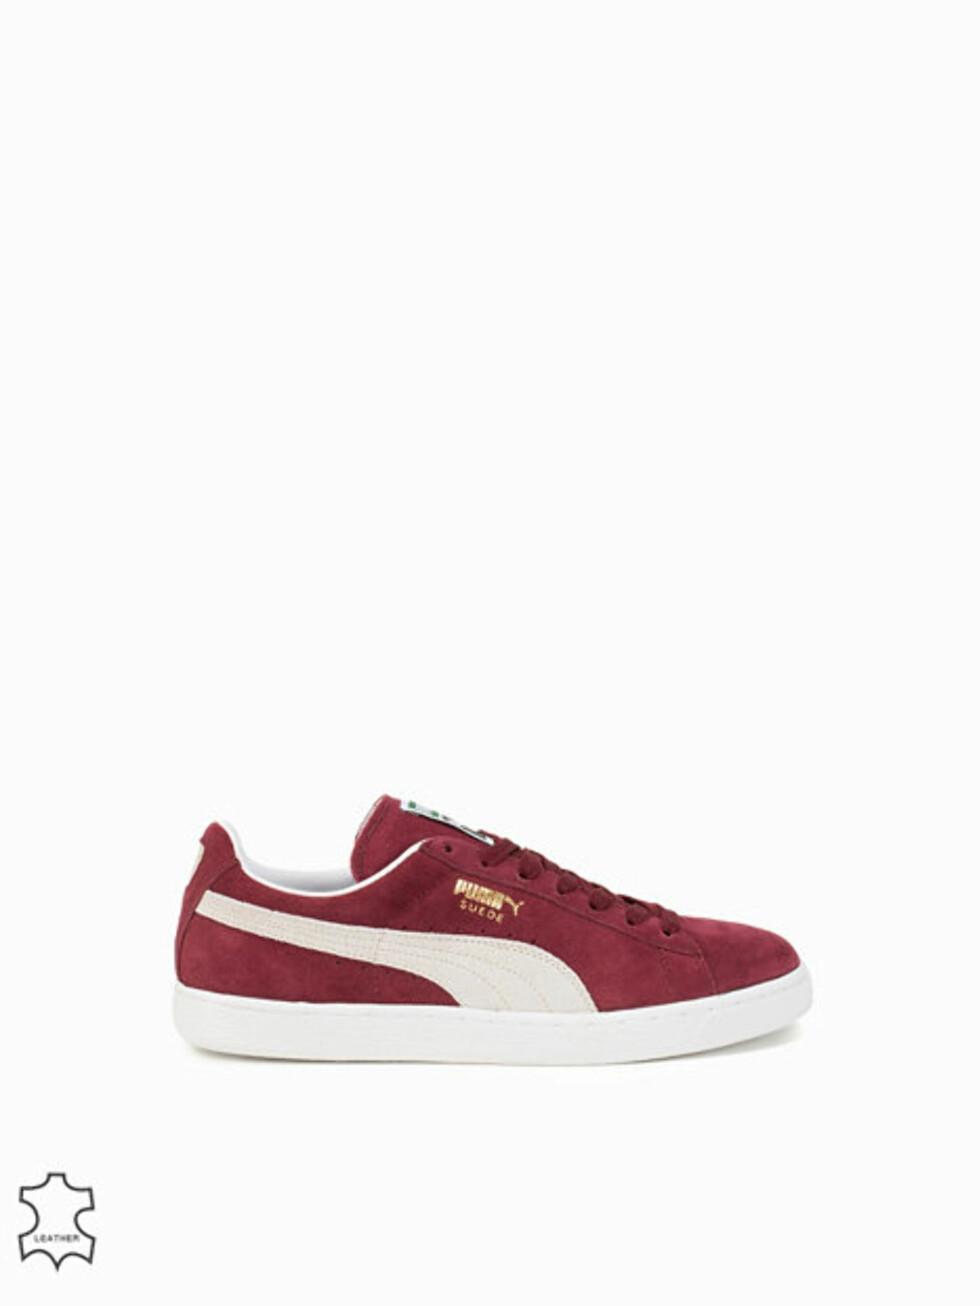 Sneakers fra Puma via Nelly.com | kr 799 |  http://my.nelly.com/link/click/15113